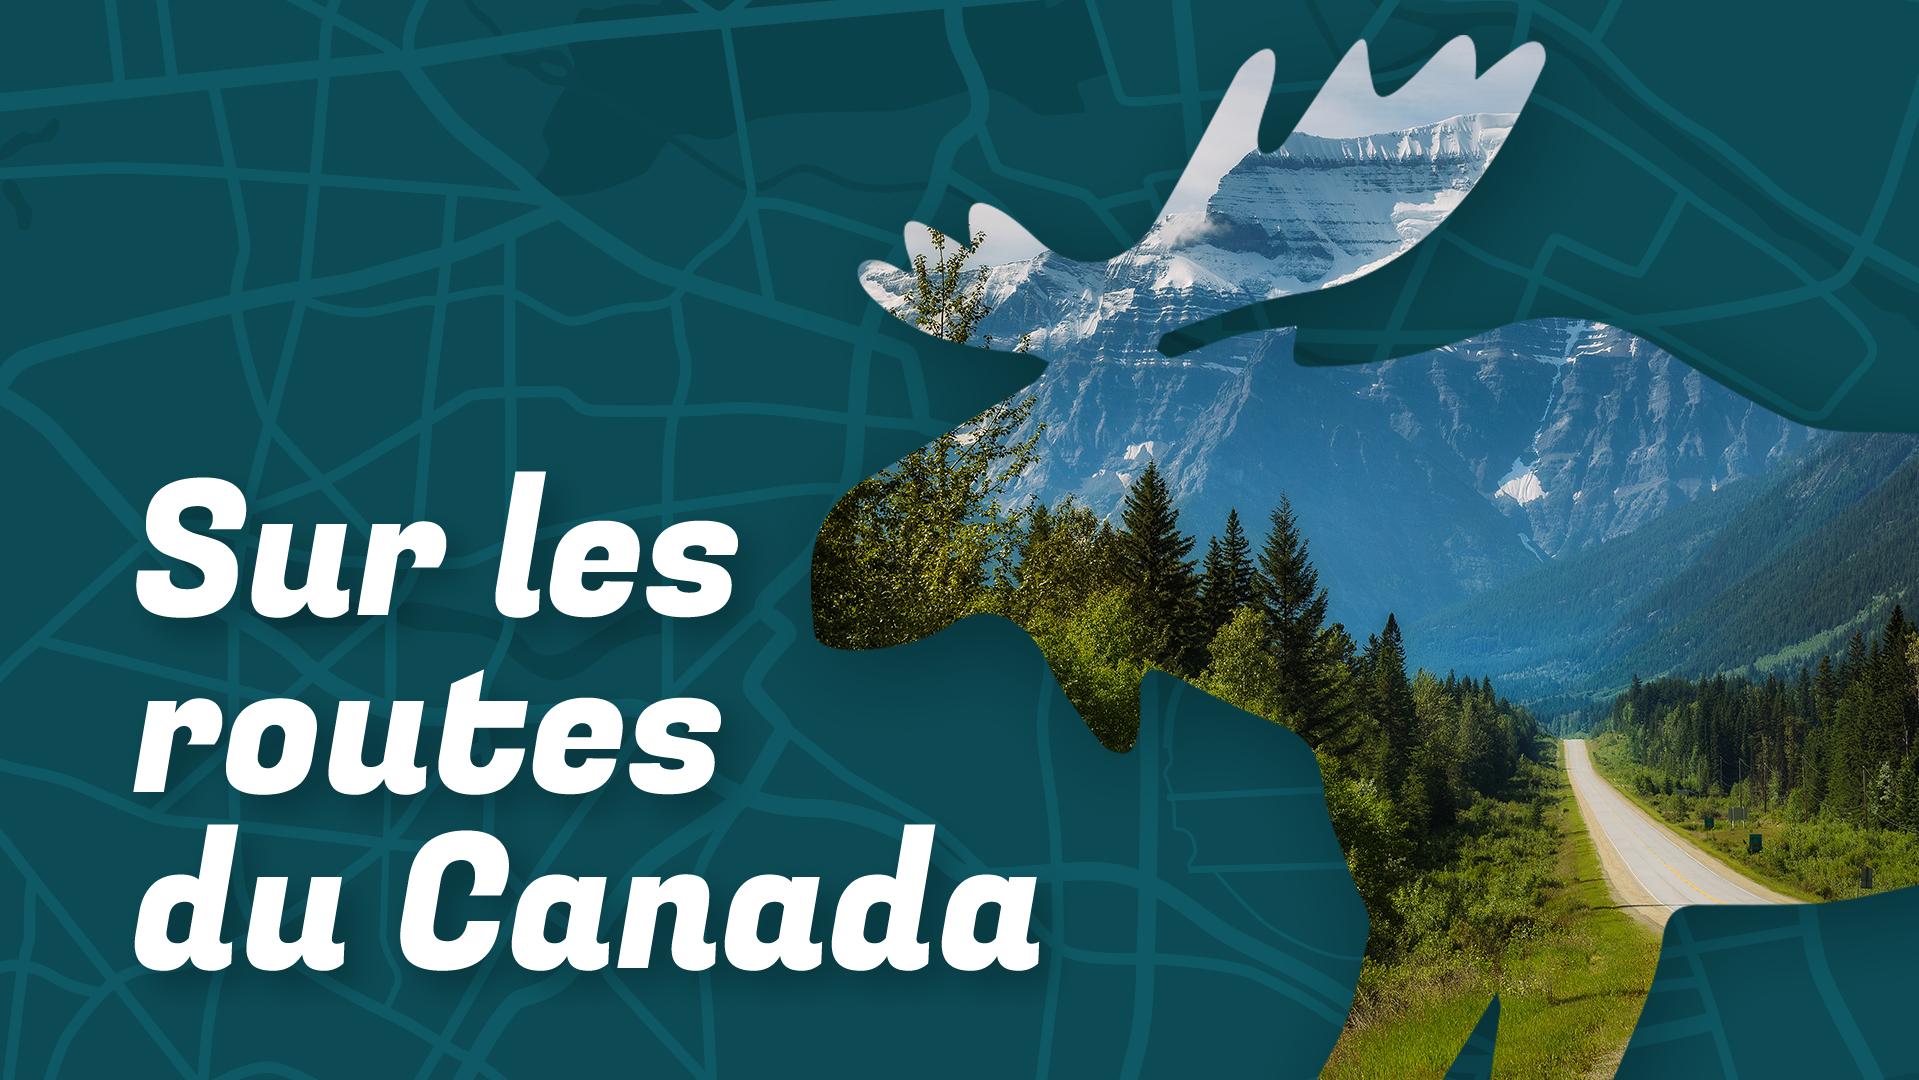 """文字""""在加拿大的道路上"""",伴随着驼鹿的轮廓,驼鹿的轮廓由道路周围的森林景观形成"""